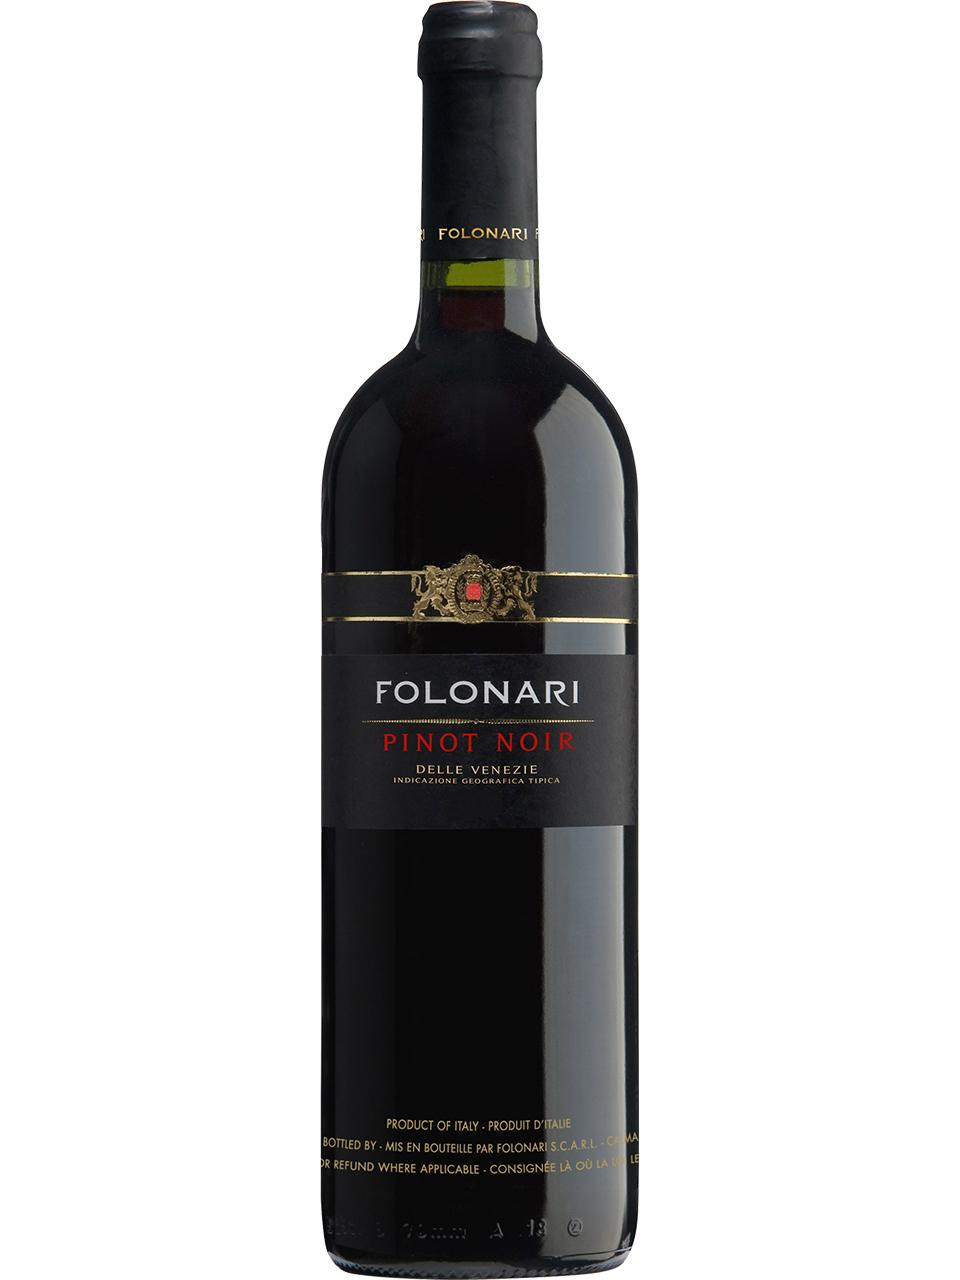 Folonari Pinot Noir